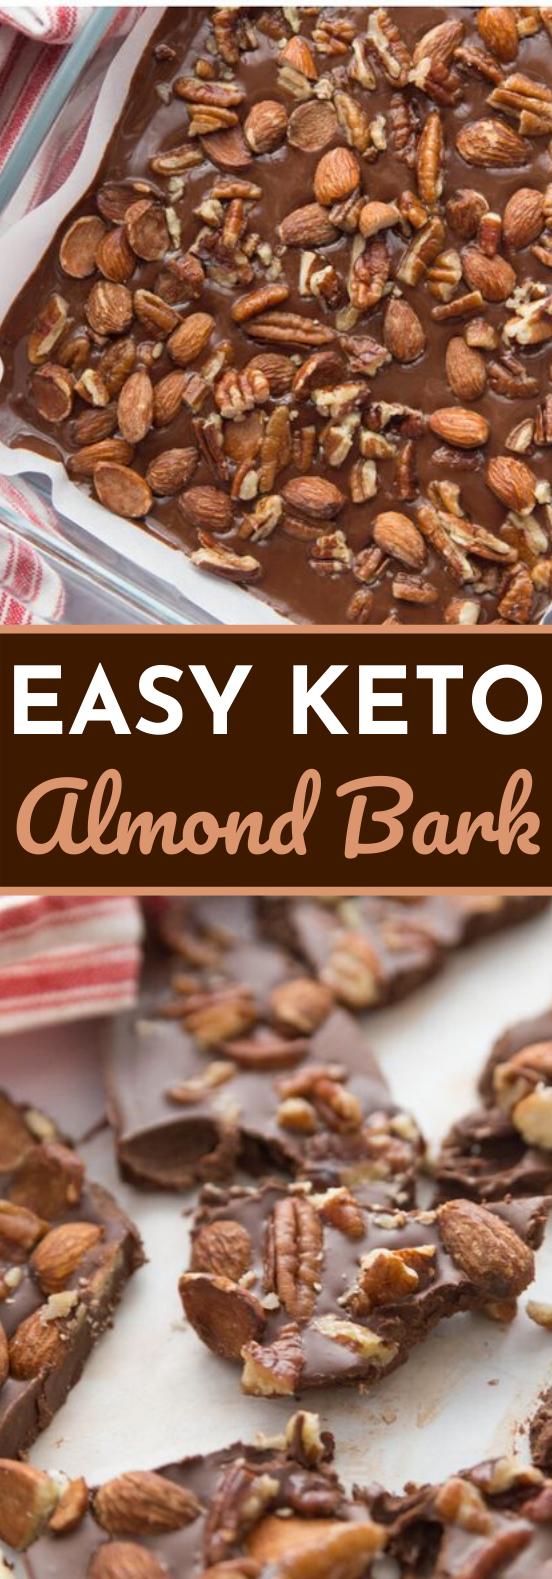 Keto Easy Chocolate Almond Bark #healthy #snacks #chocolate #keto #vegan